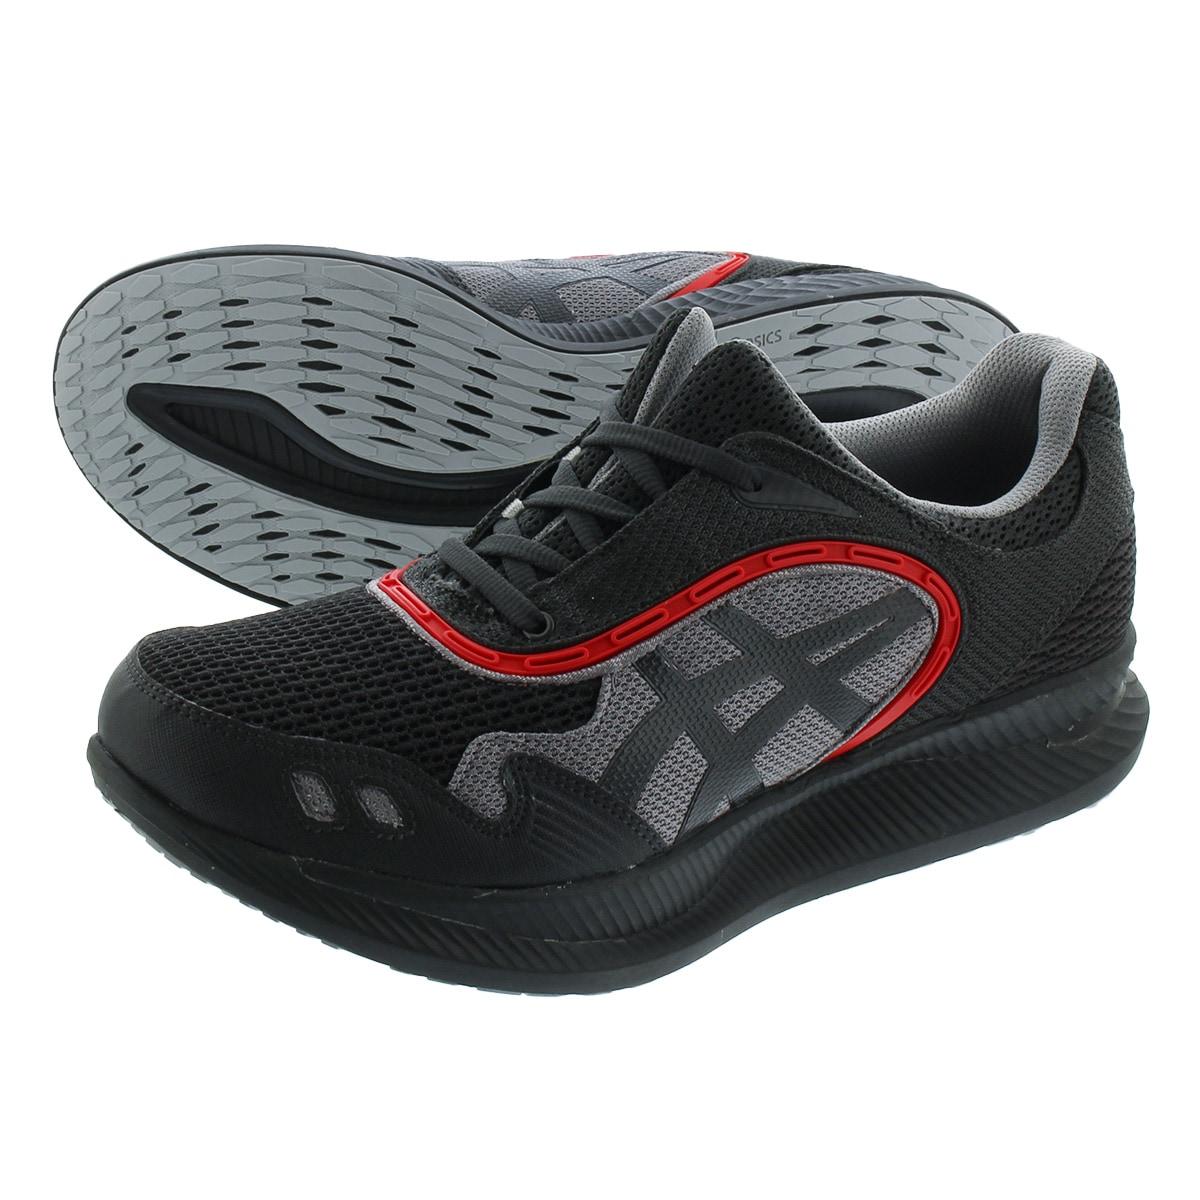 メンズ靴, スニーカー ASICS SPORTSTYLE GEL-GLIDELYTE III KIKO KOSTADINOV 3 ASPHALTHIGH RISE 1203a015-020